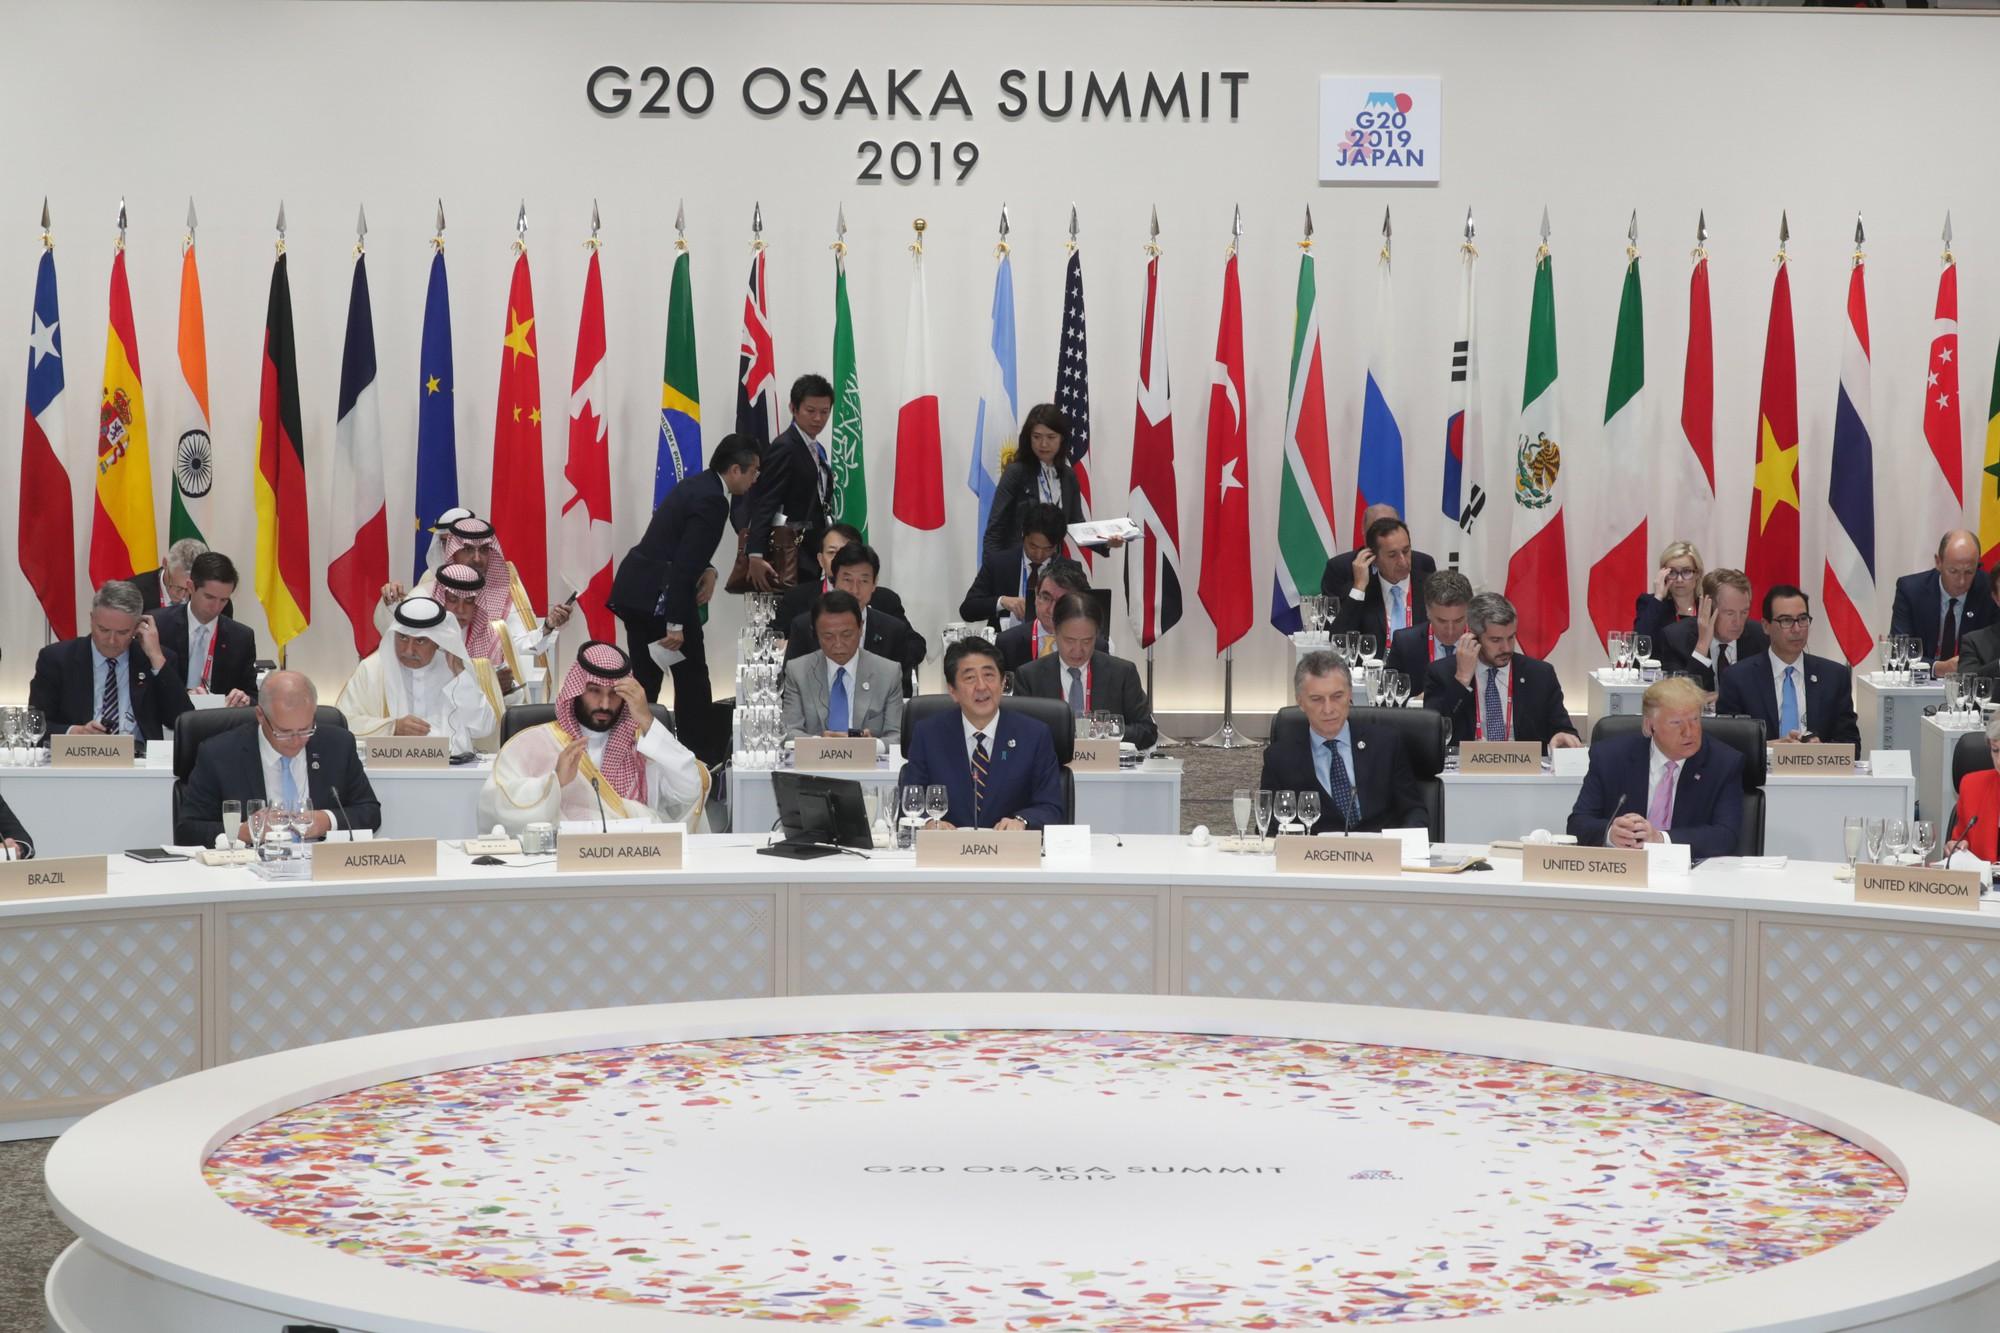 G20 Osaka: Cơ hội hóa giải những căng thẳng của thế giới - Ảnh 2.